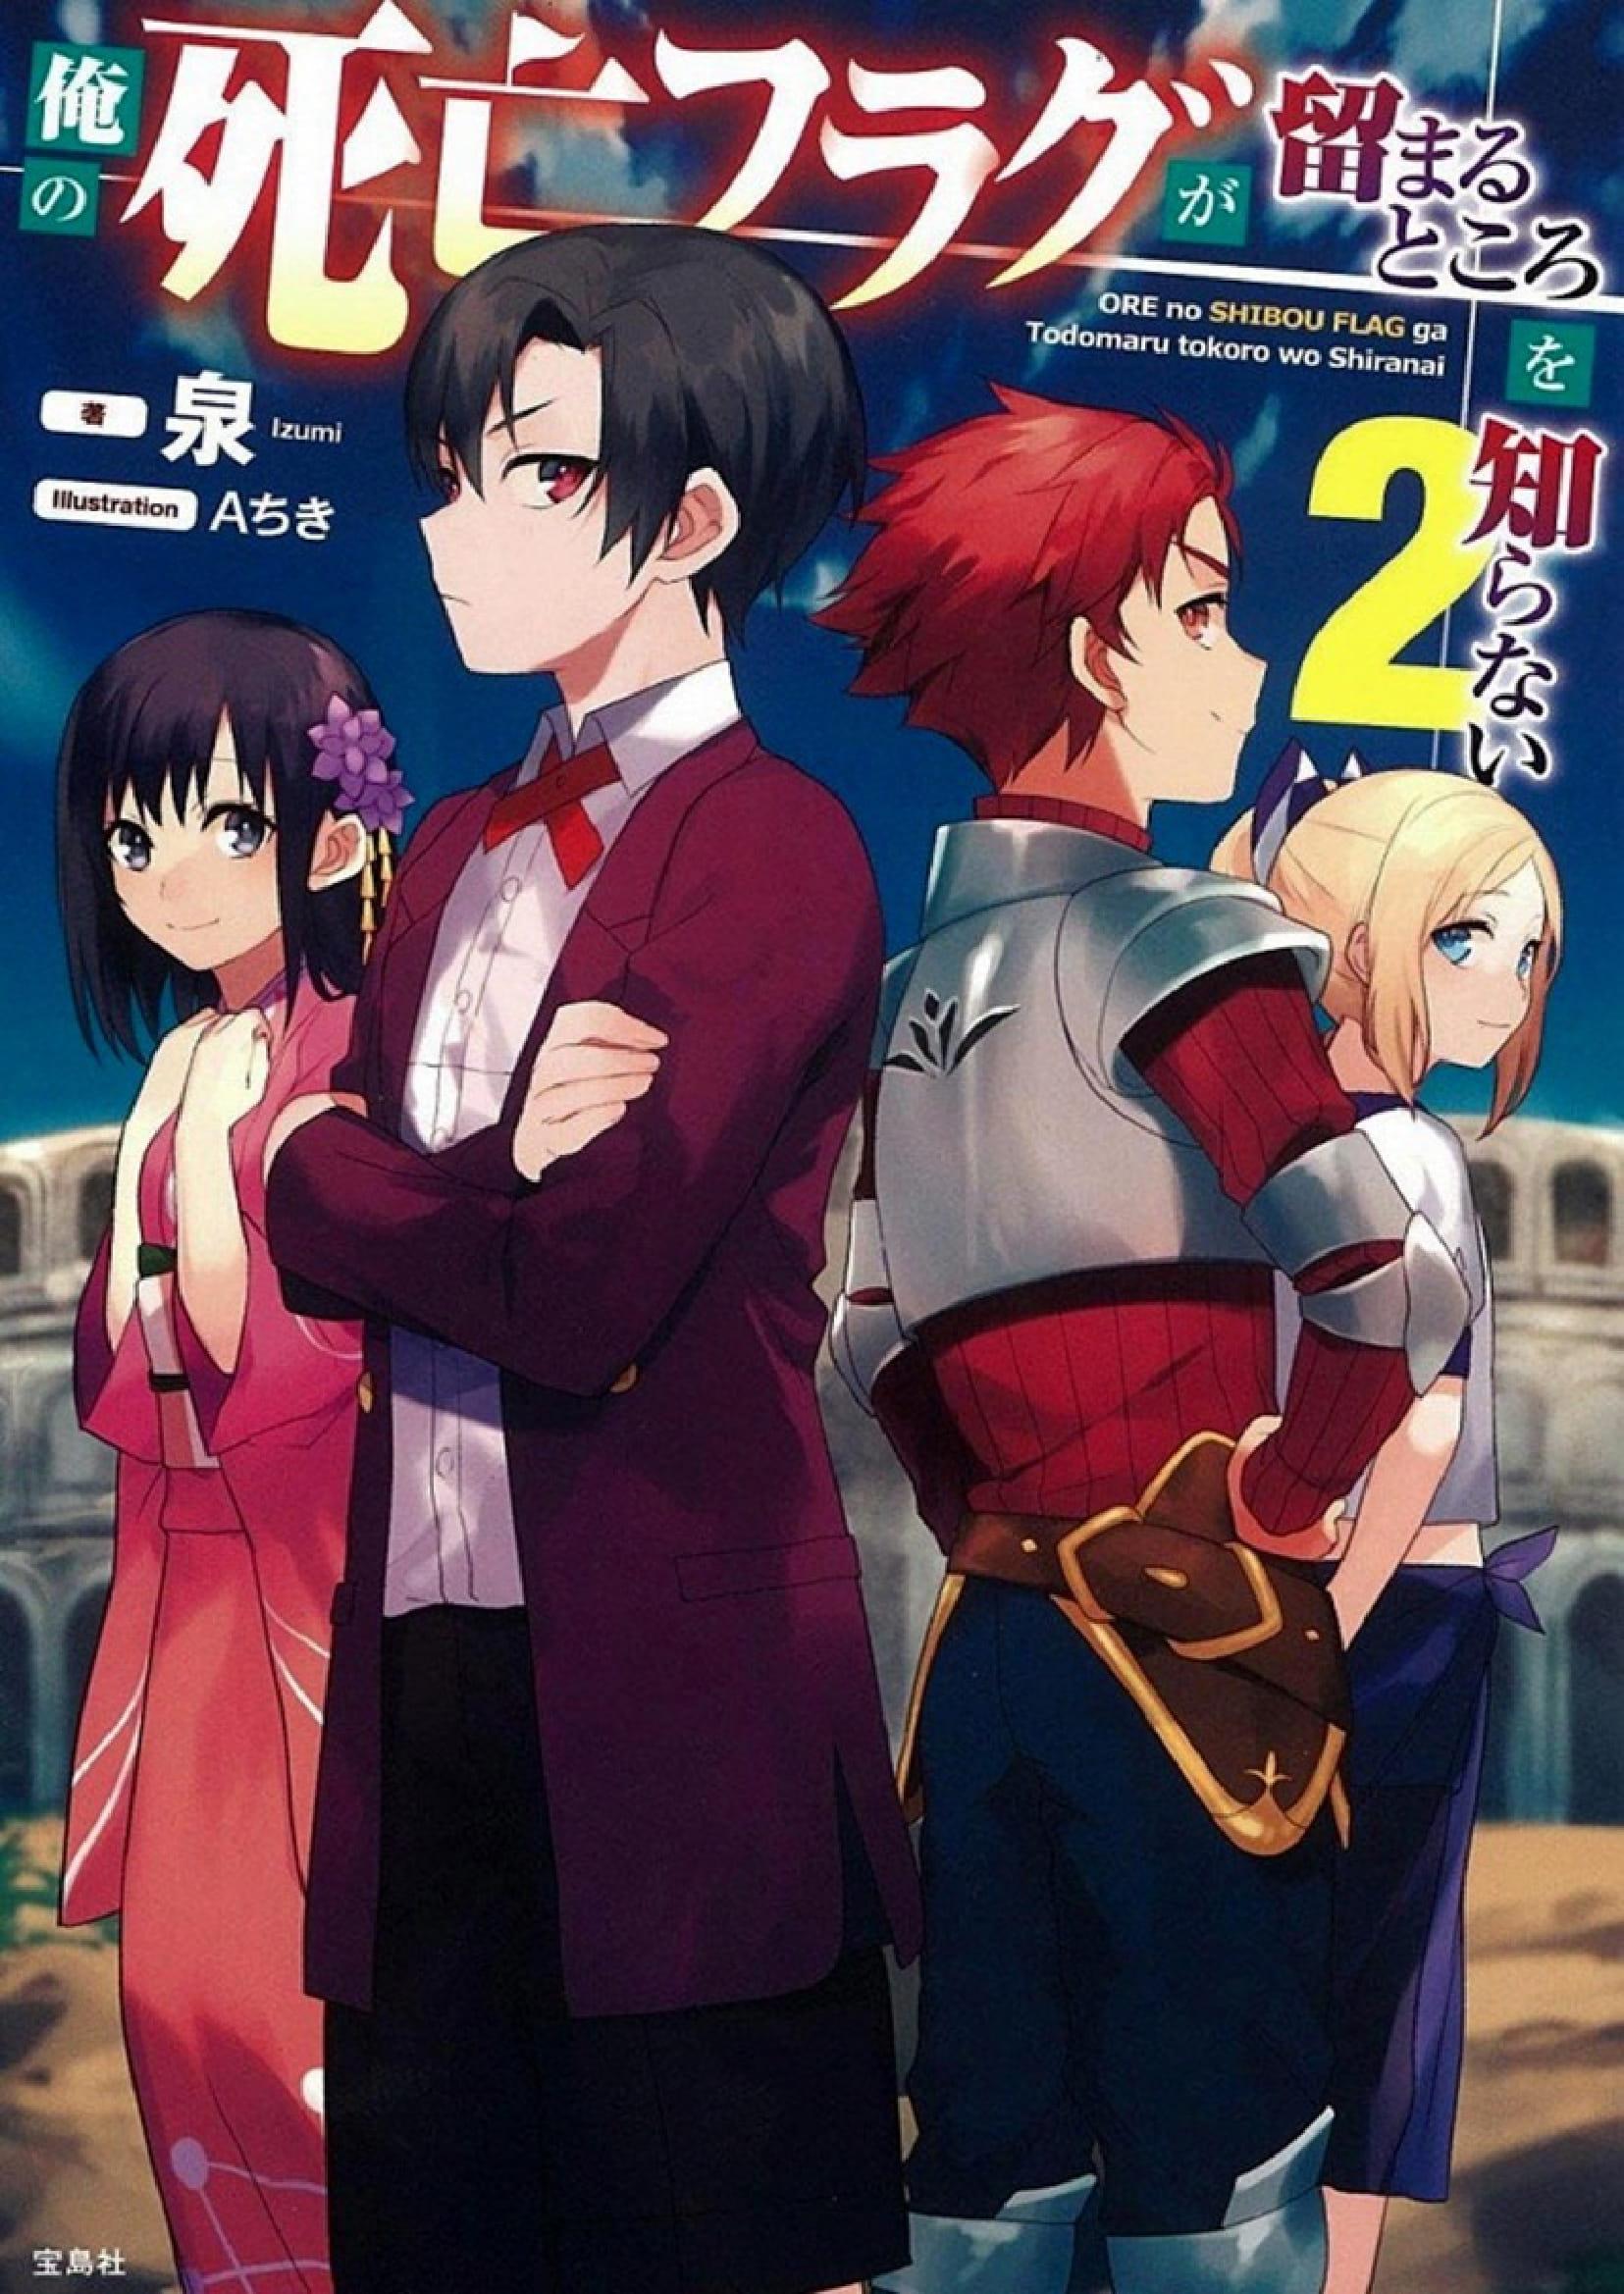 Light Novel Ore no Shibou Flag ga Todomaru Tokoro wo Shiranai Volume 2